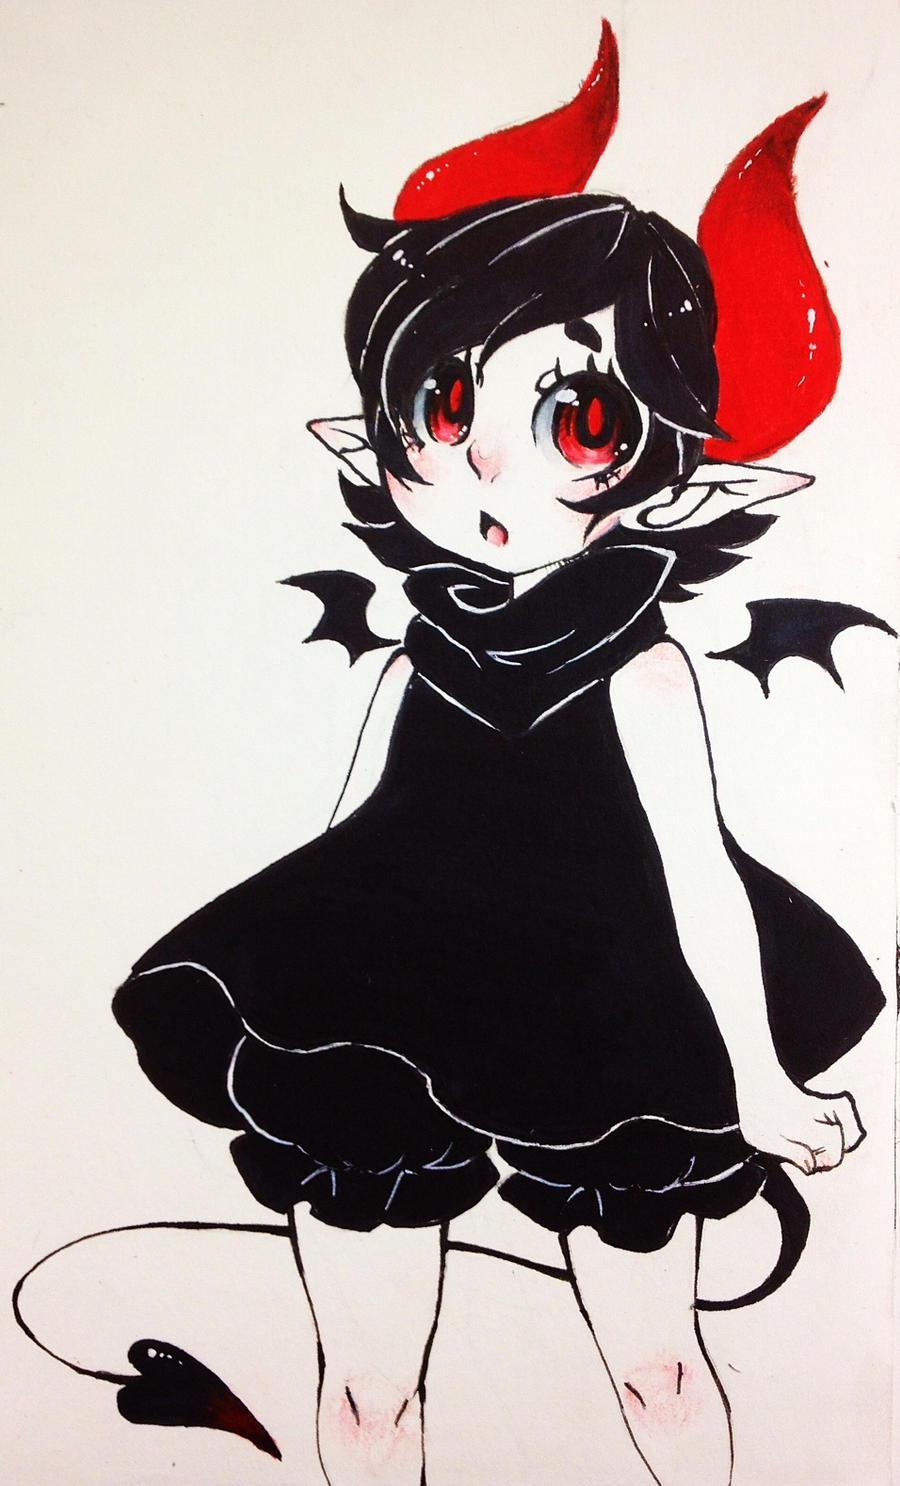 Lil devil girl